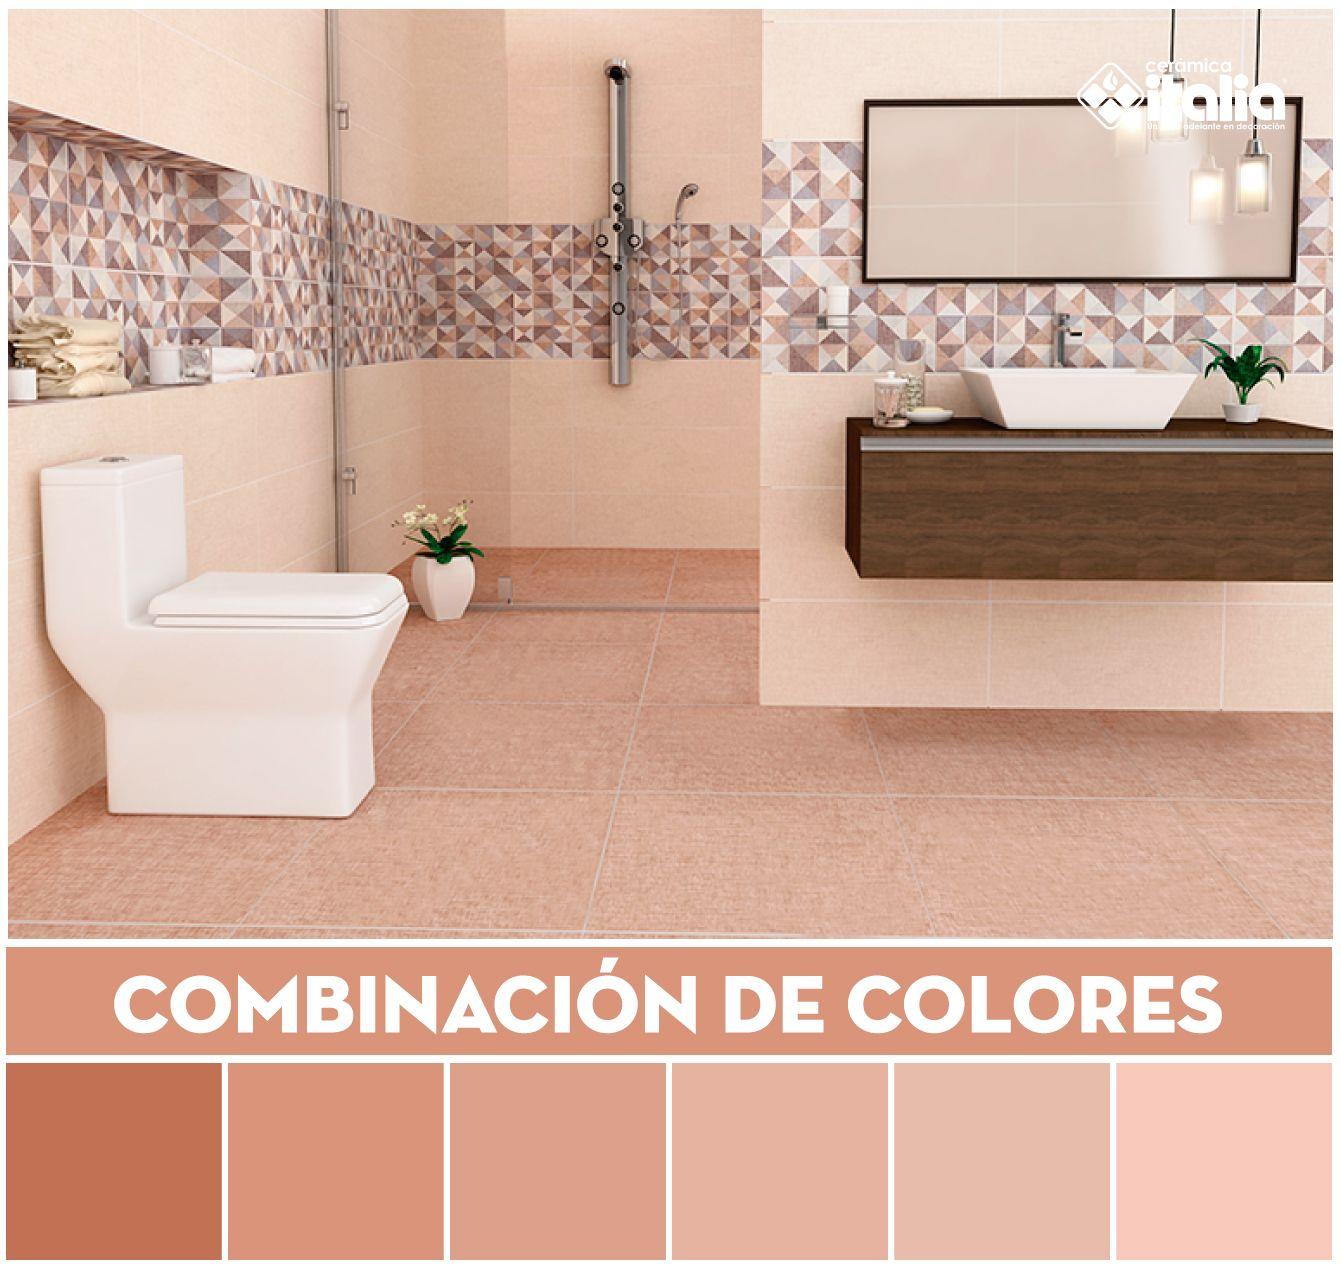 El Color Beige Es Un Color Claro De Saturacion Debil Generalmente